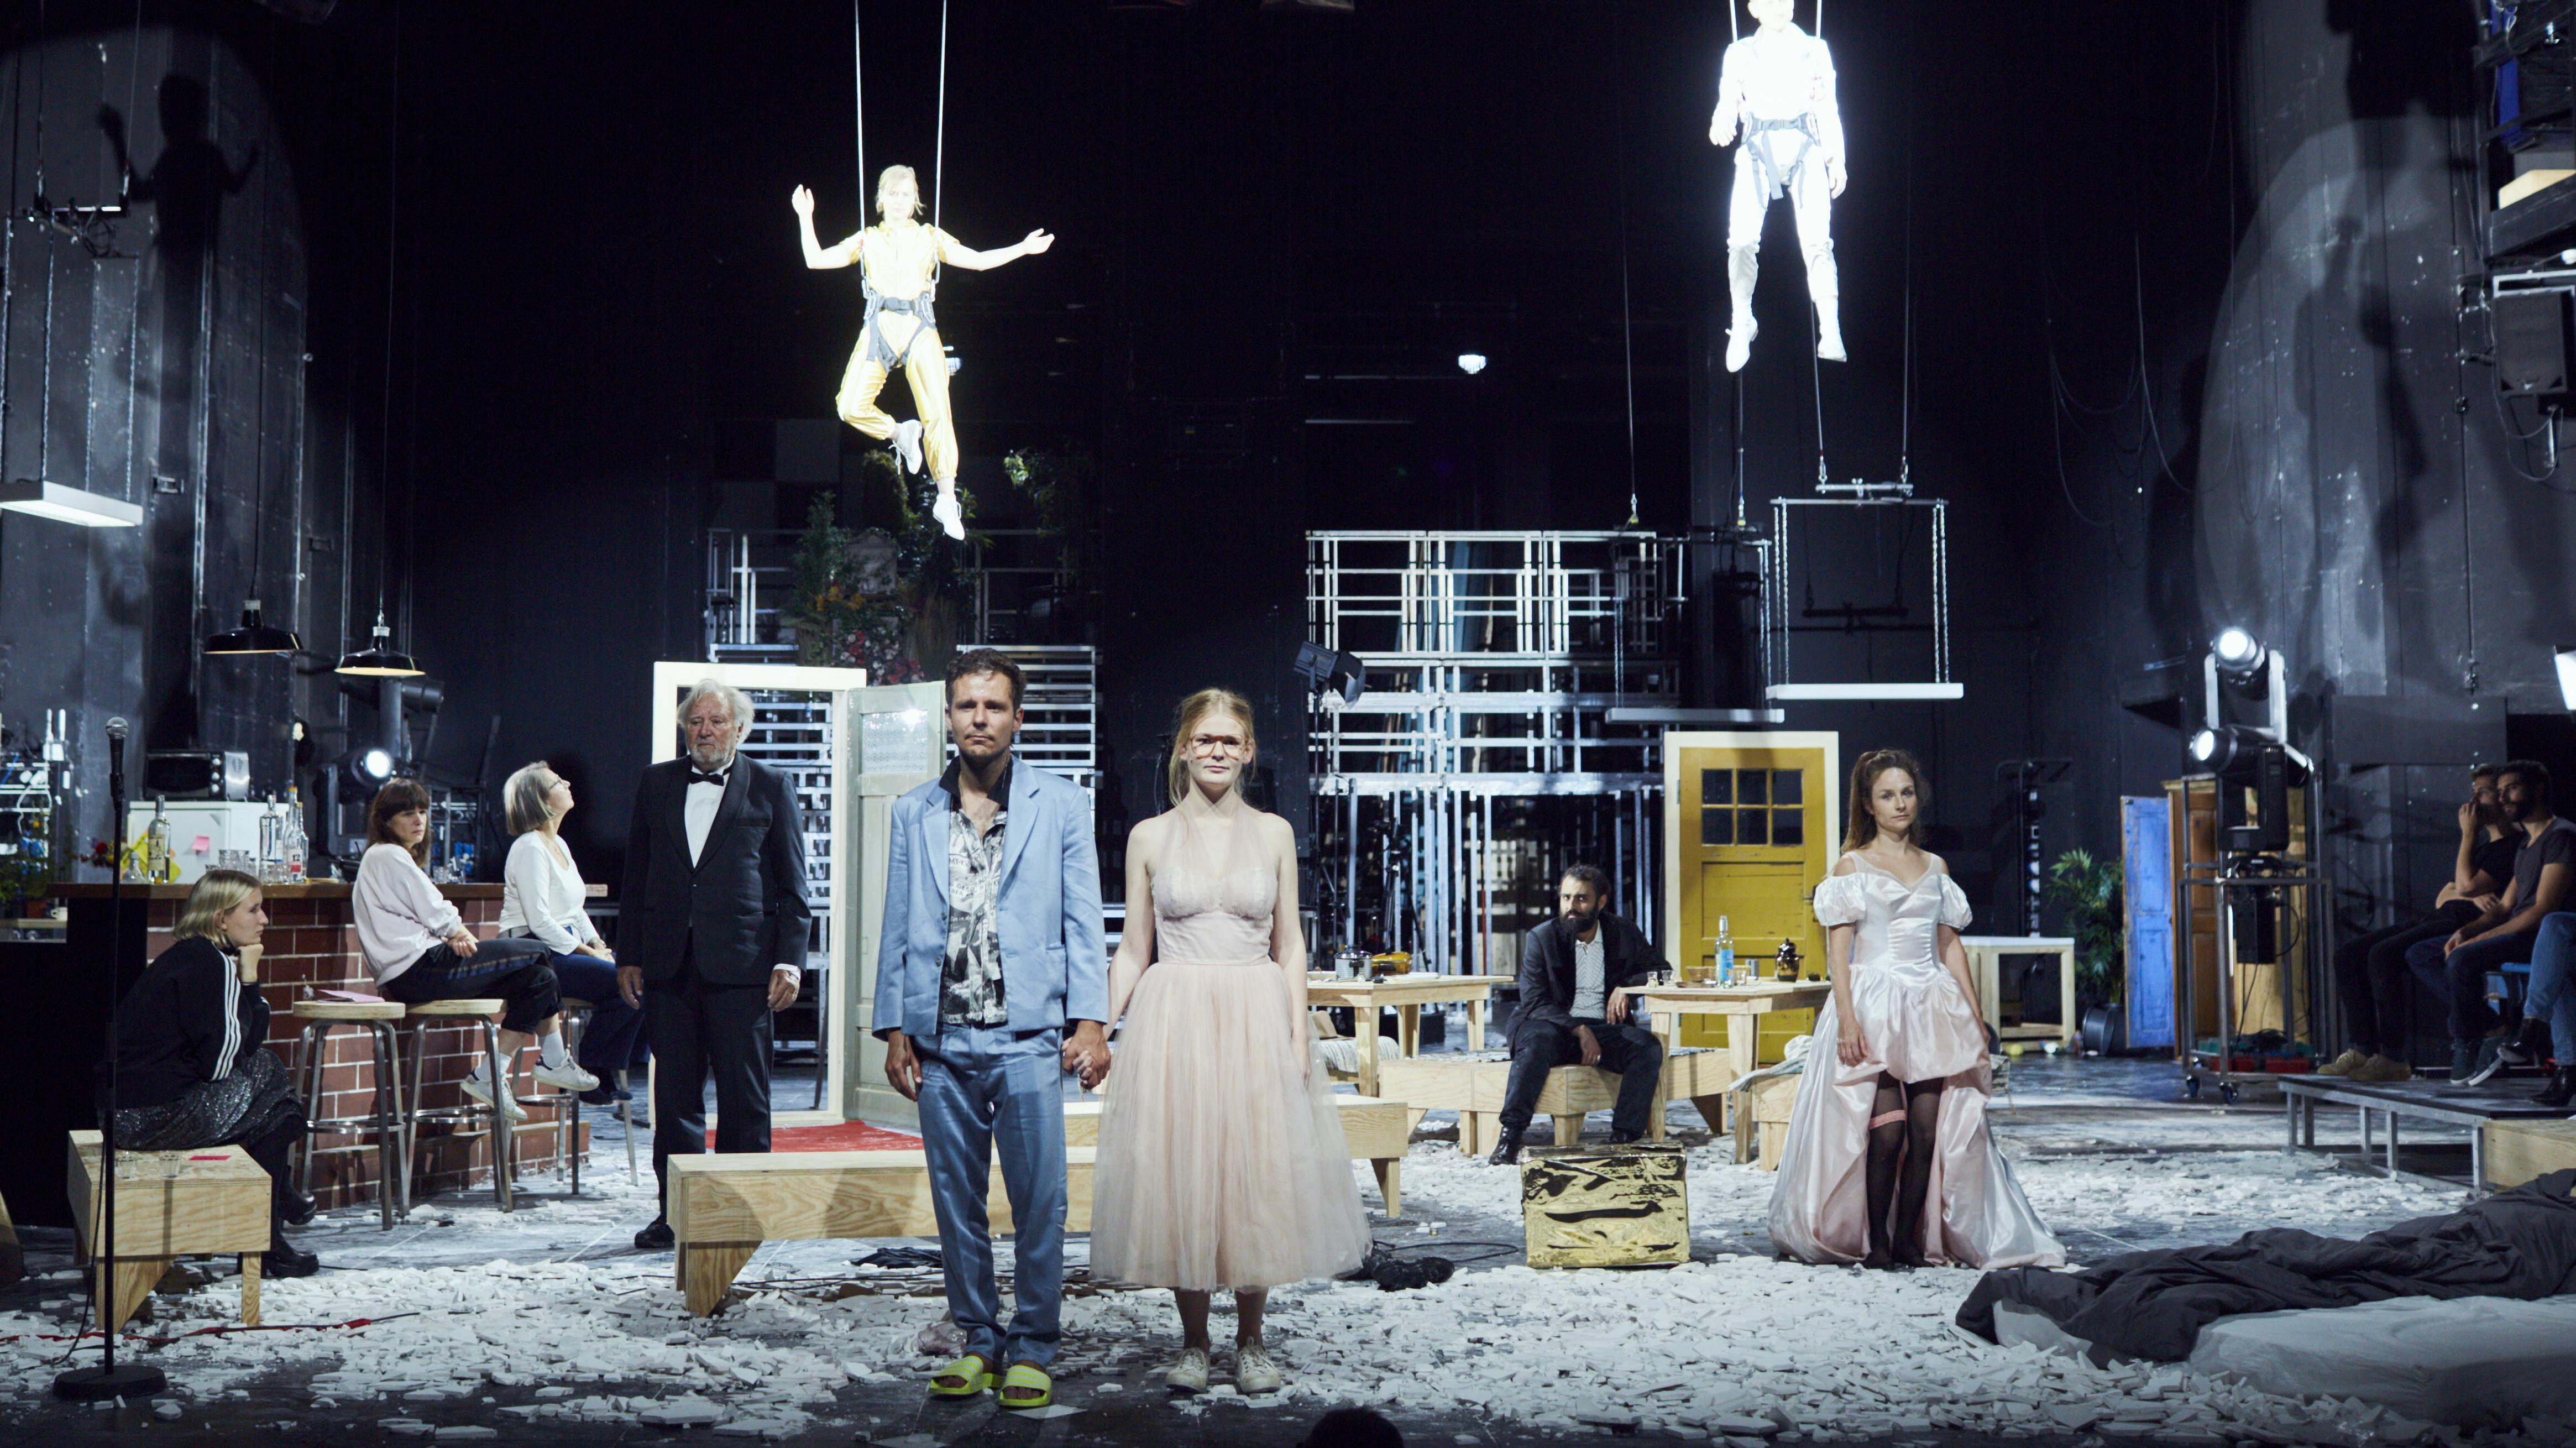 """Szene aus dem Theaterstück """"Dionysos Stadt"""": Ein Paar steht händchenhaltend im Vordergrund, im Hintergrund sitzen und stehen sechs Personen, an der Decke hängen zwei an Seilen."""